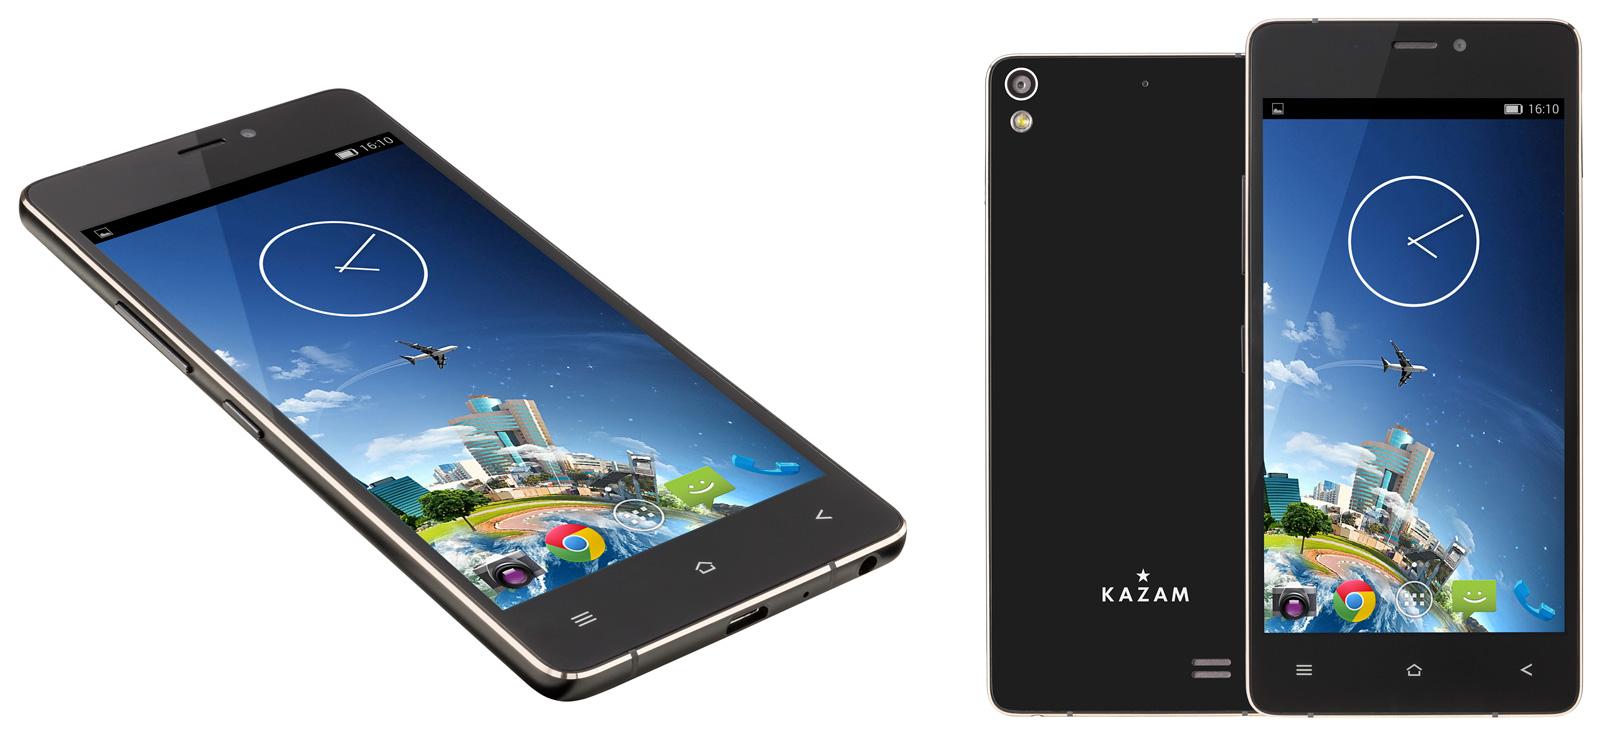 bond-kazam-tornado348-smartphone-supersmall-superduenn-federleicht-duennstesmartphonederwelt-3